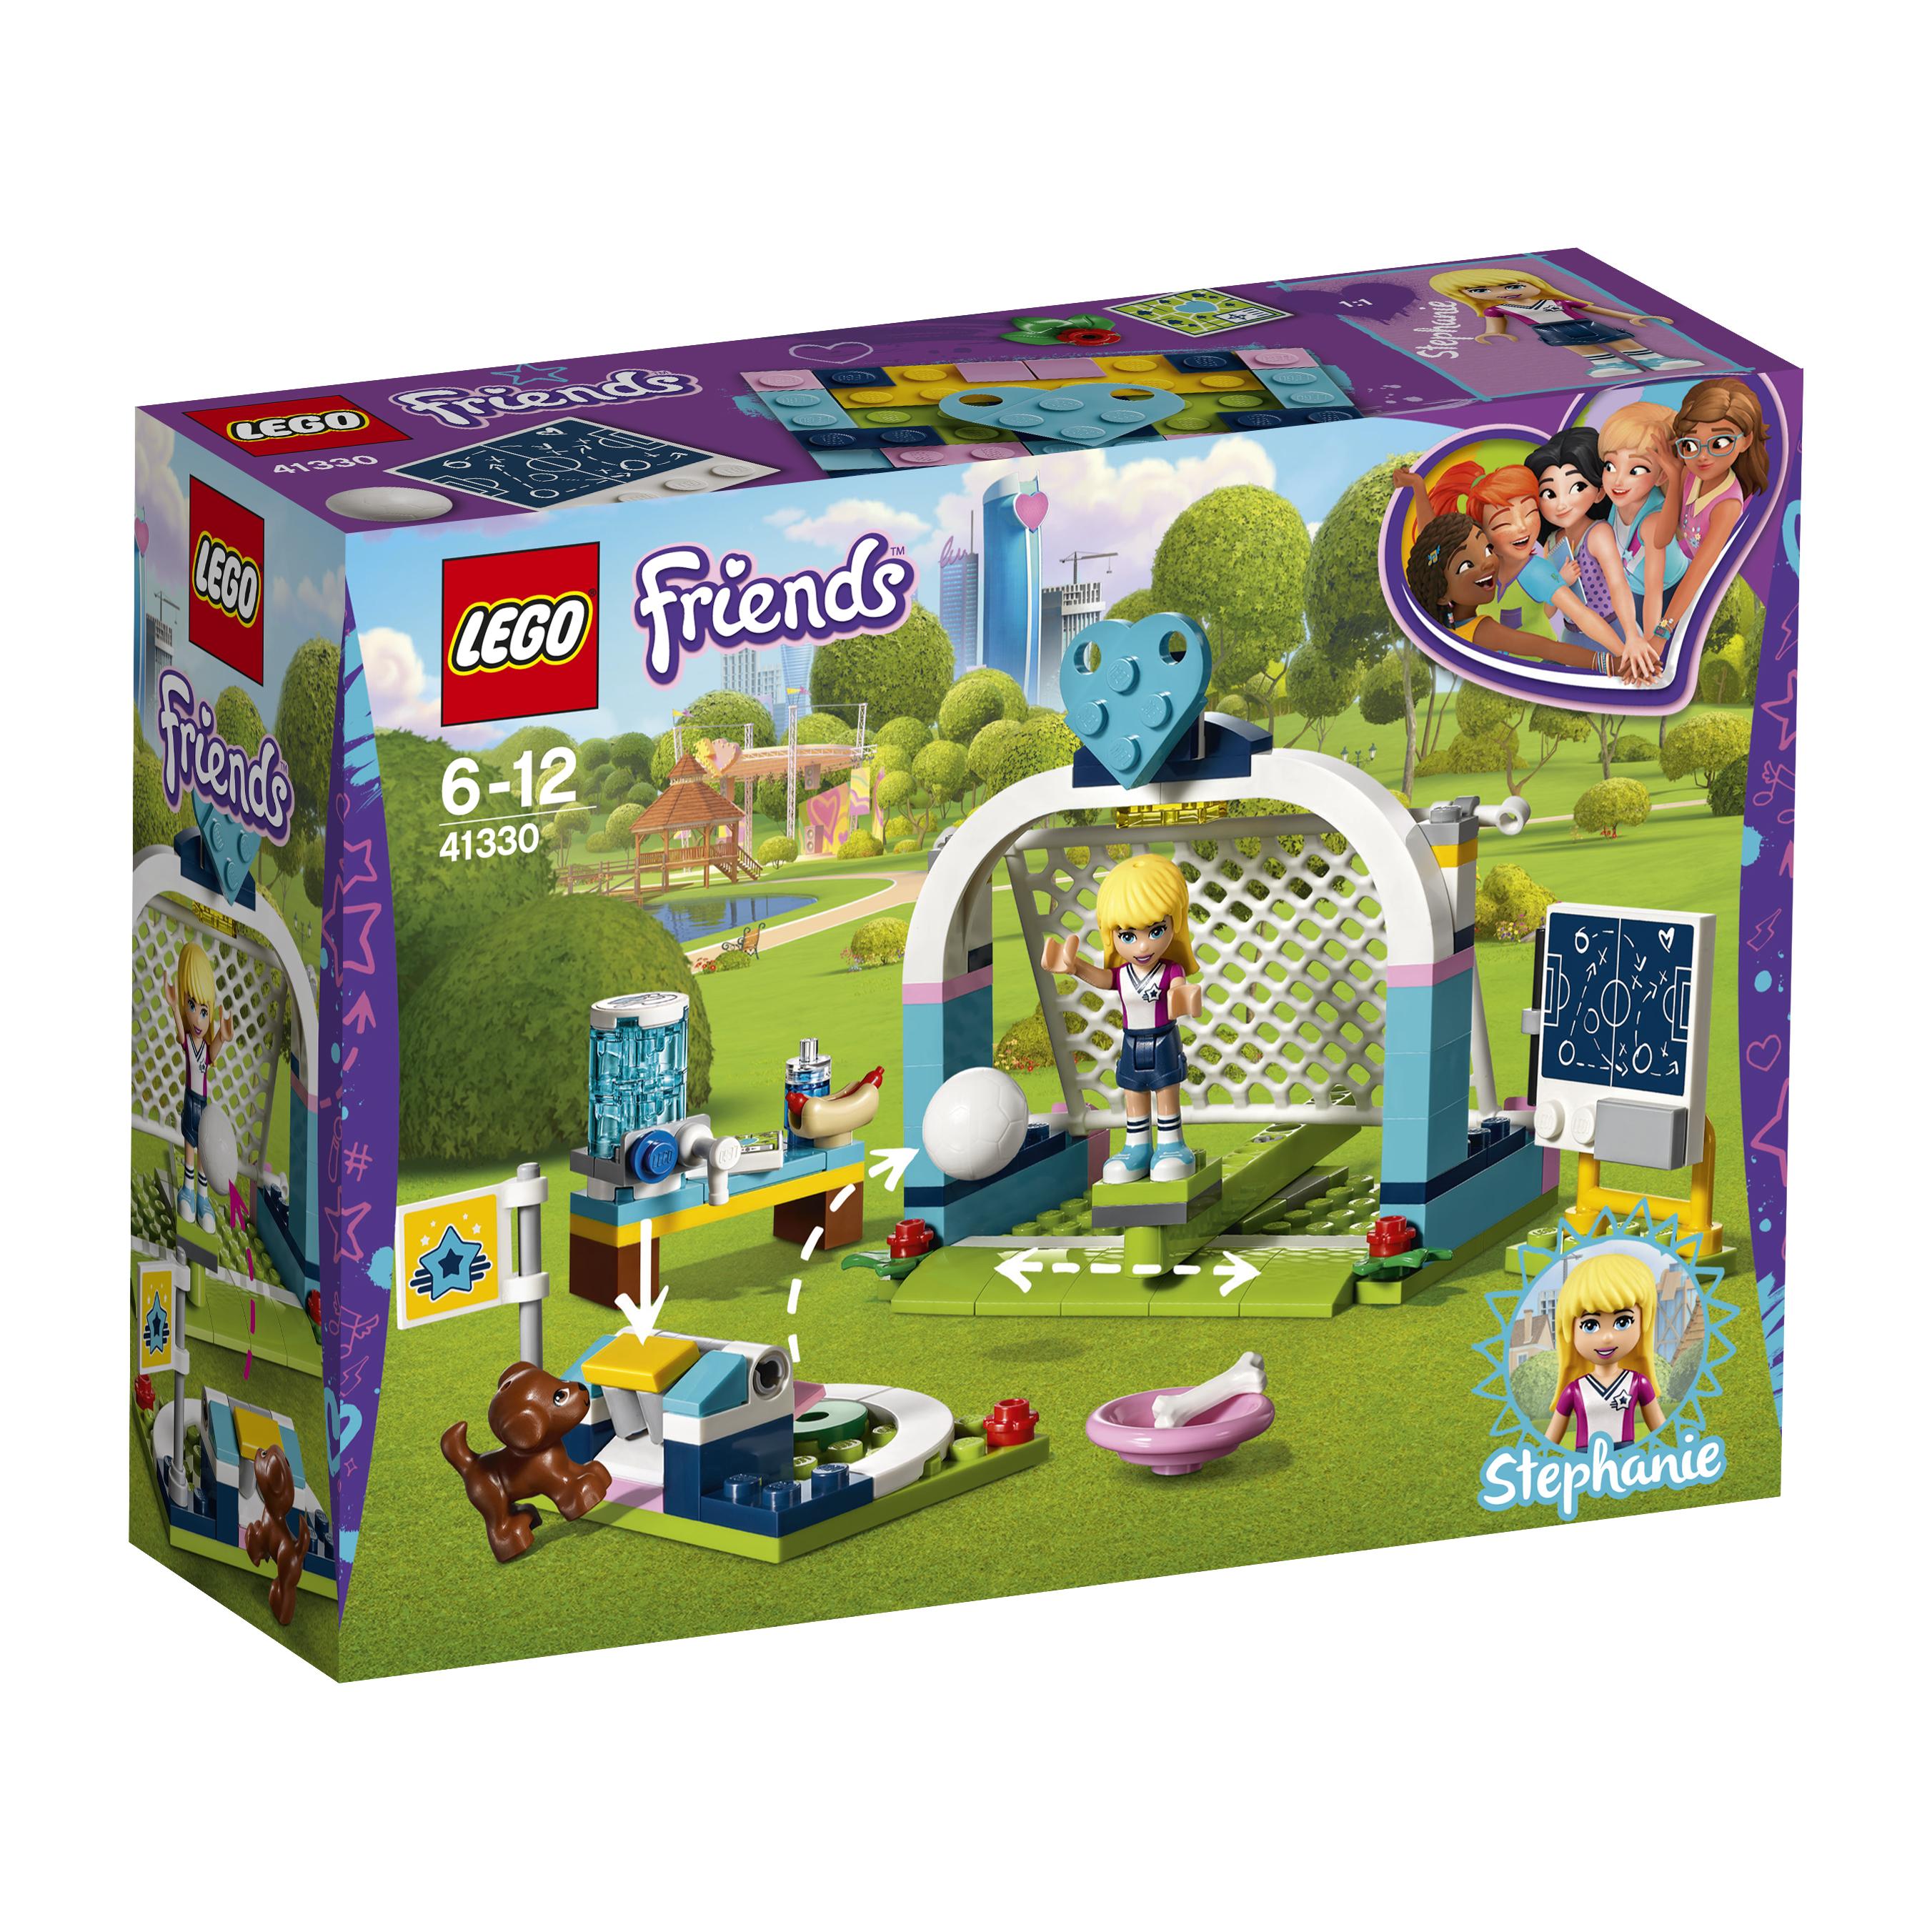 LEGO Friends 41330 Stephanies fotbollsträning. - Billiga leksaker online -  LekOutlet 49afef6039324